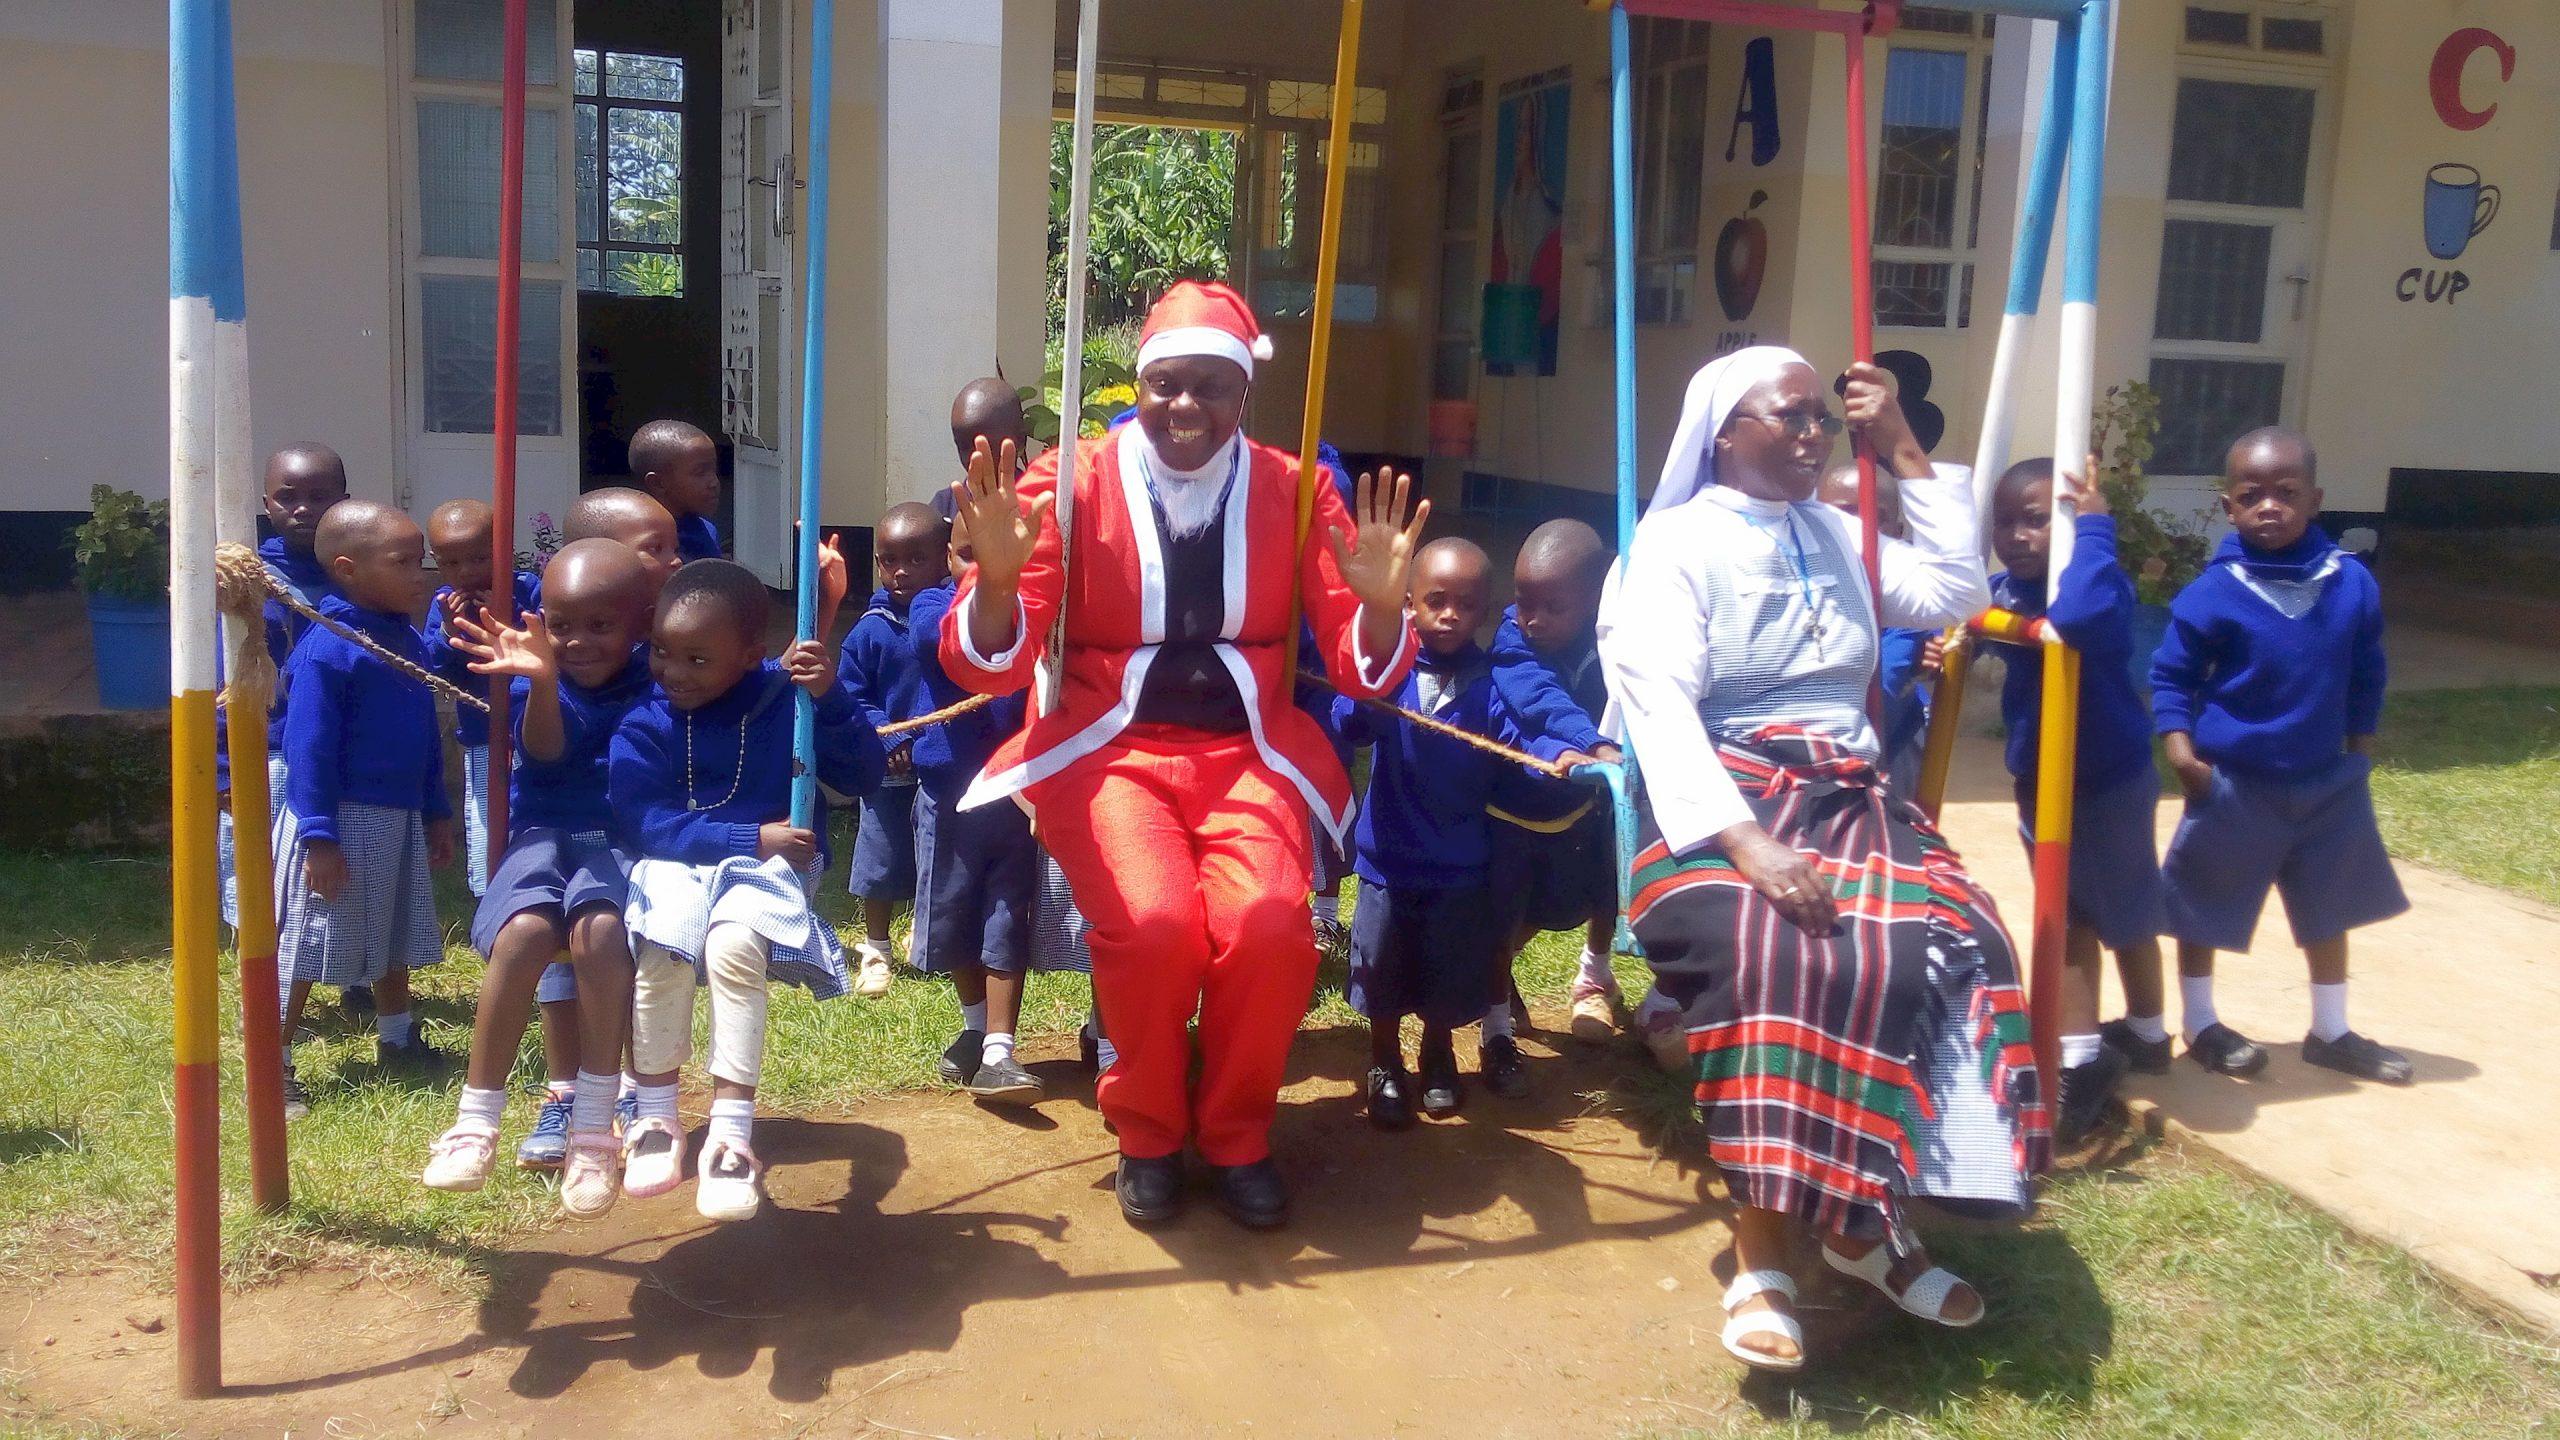 Gesegnete Weihnachtsgrüße 2020 von Pater Aidan